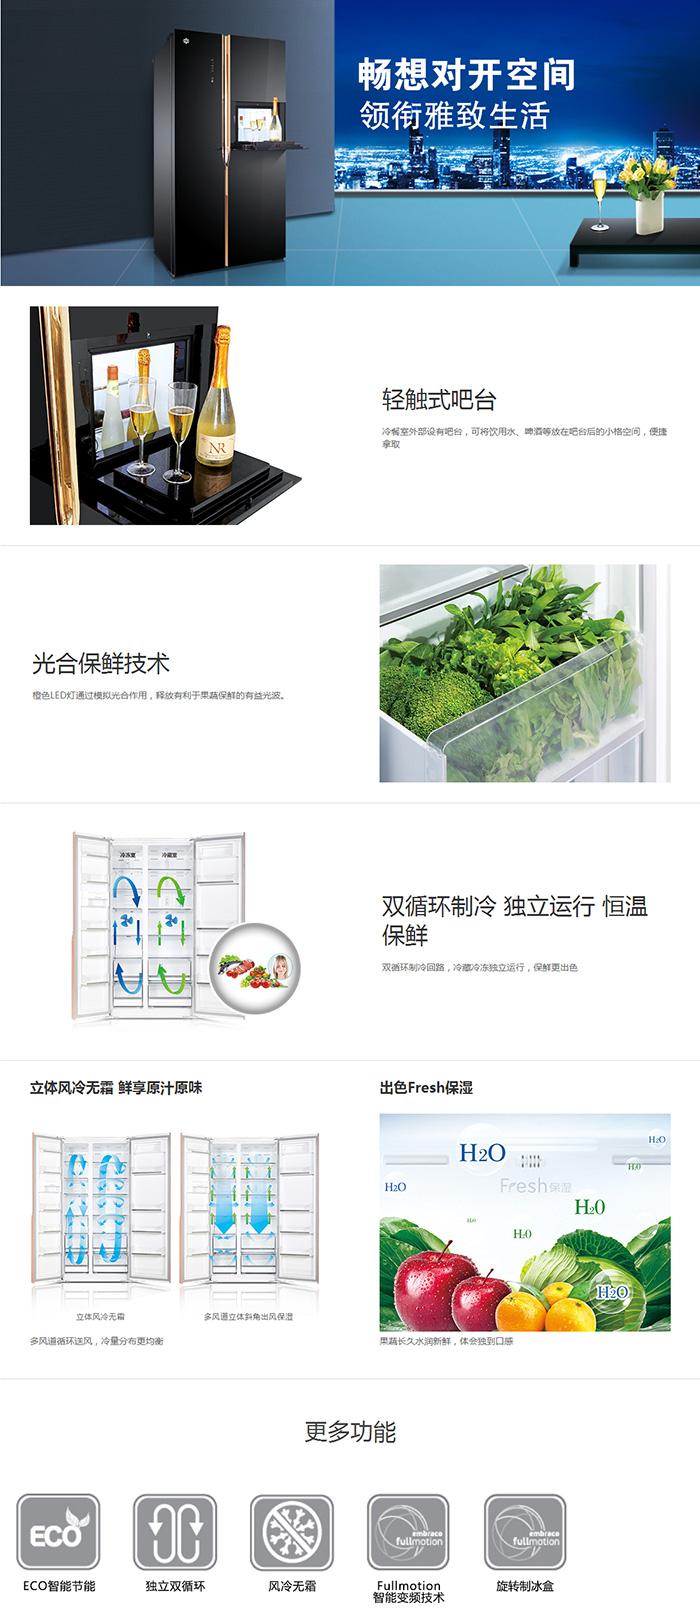 晶弘冰箱对开门vwin德嬴客户端BCD-630WPDGB说明